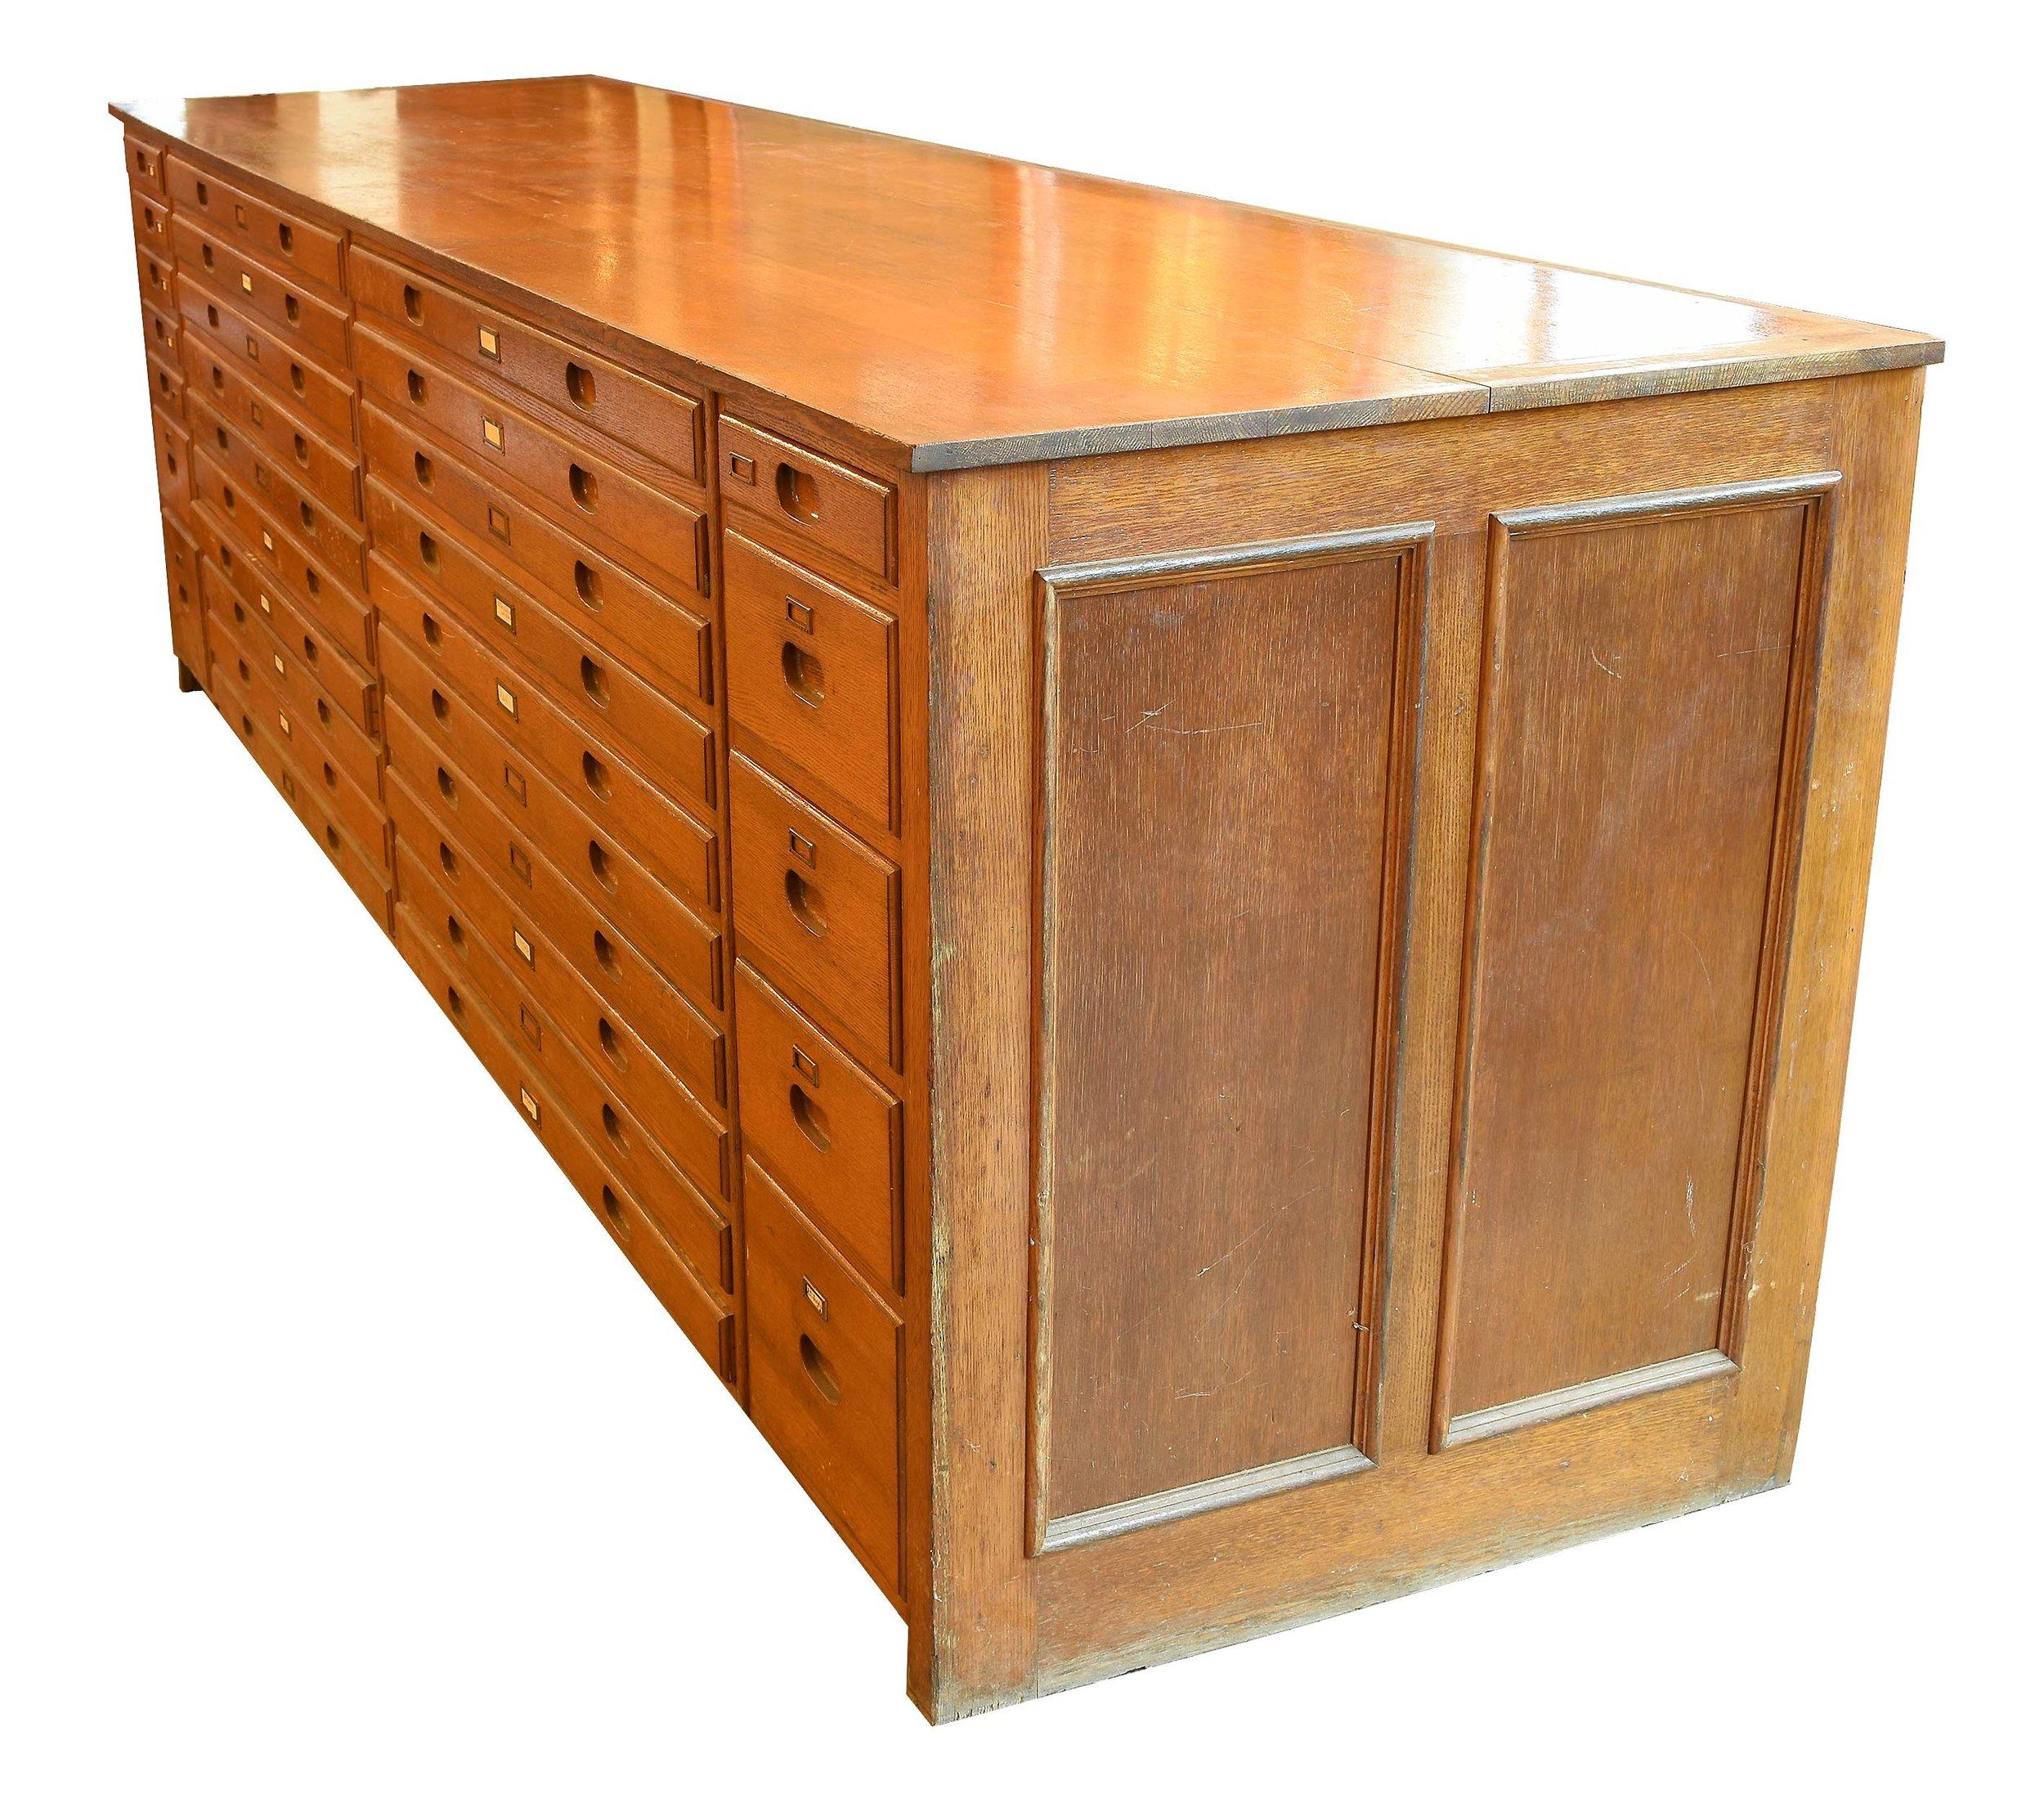 47025 oak flat file cabinet end.jpg